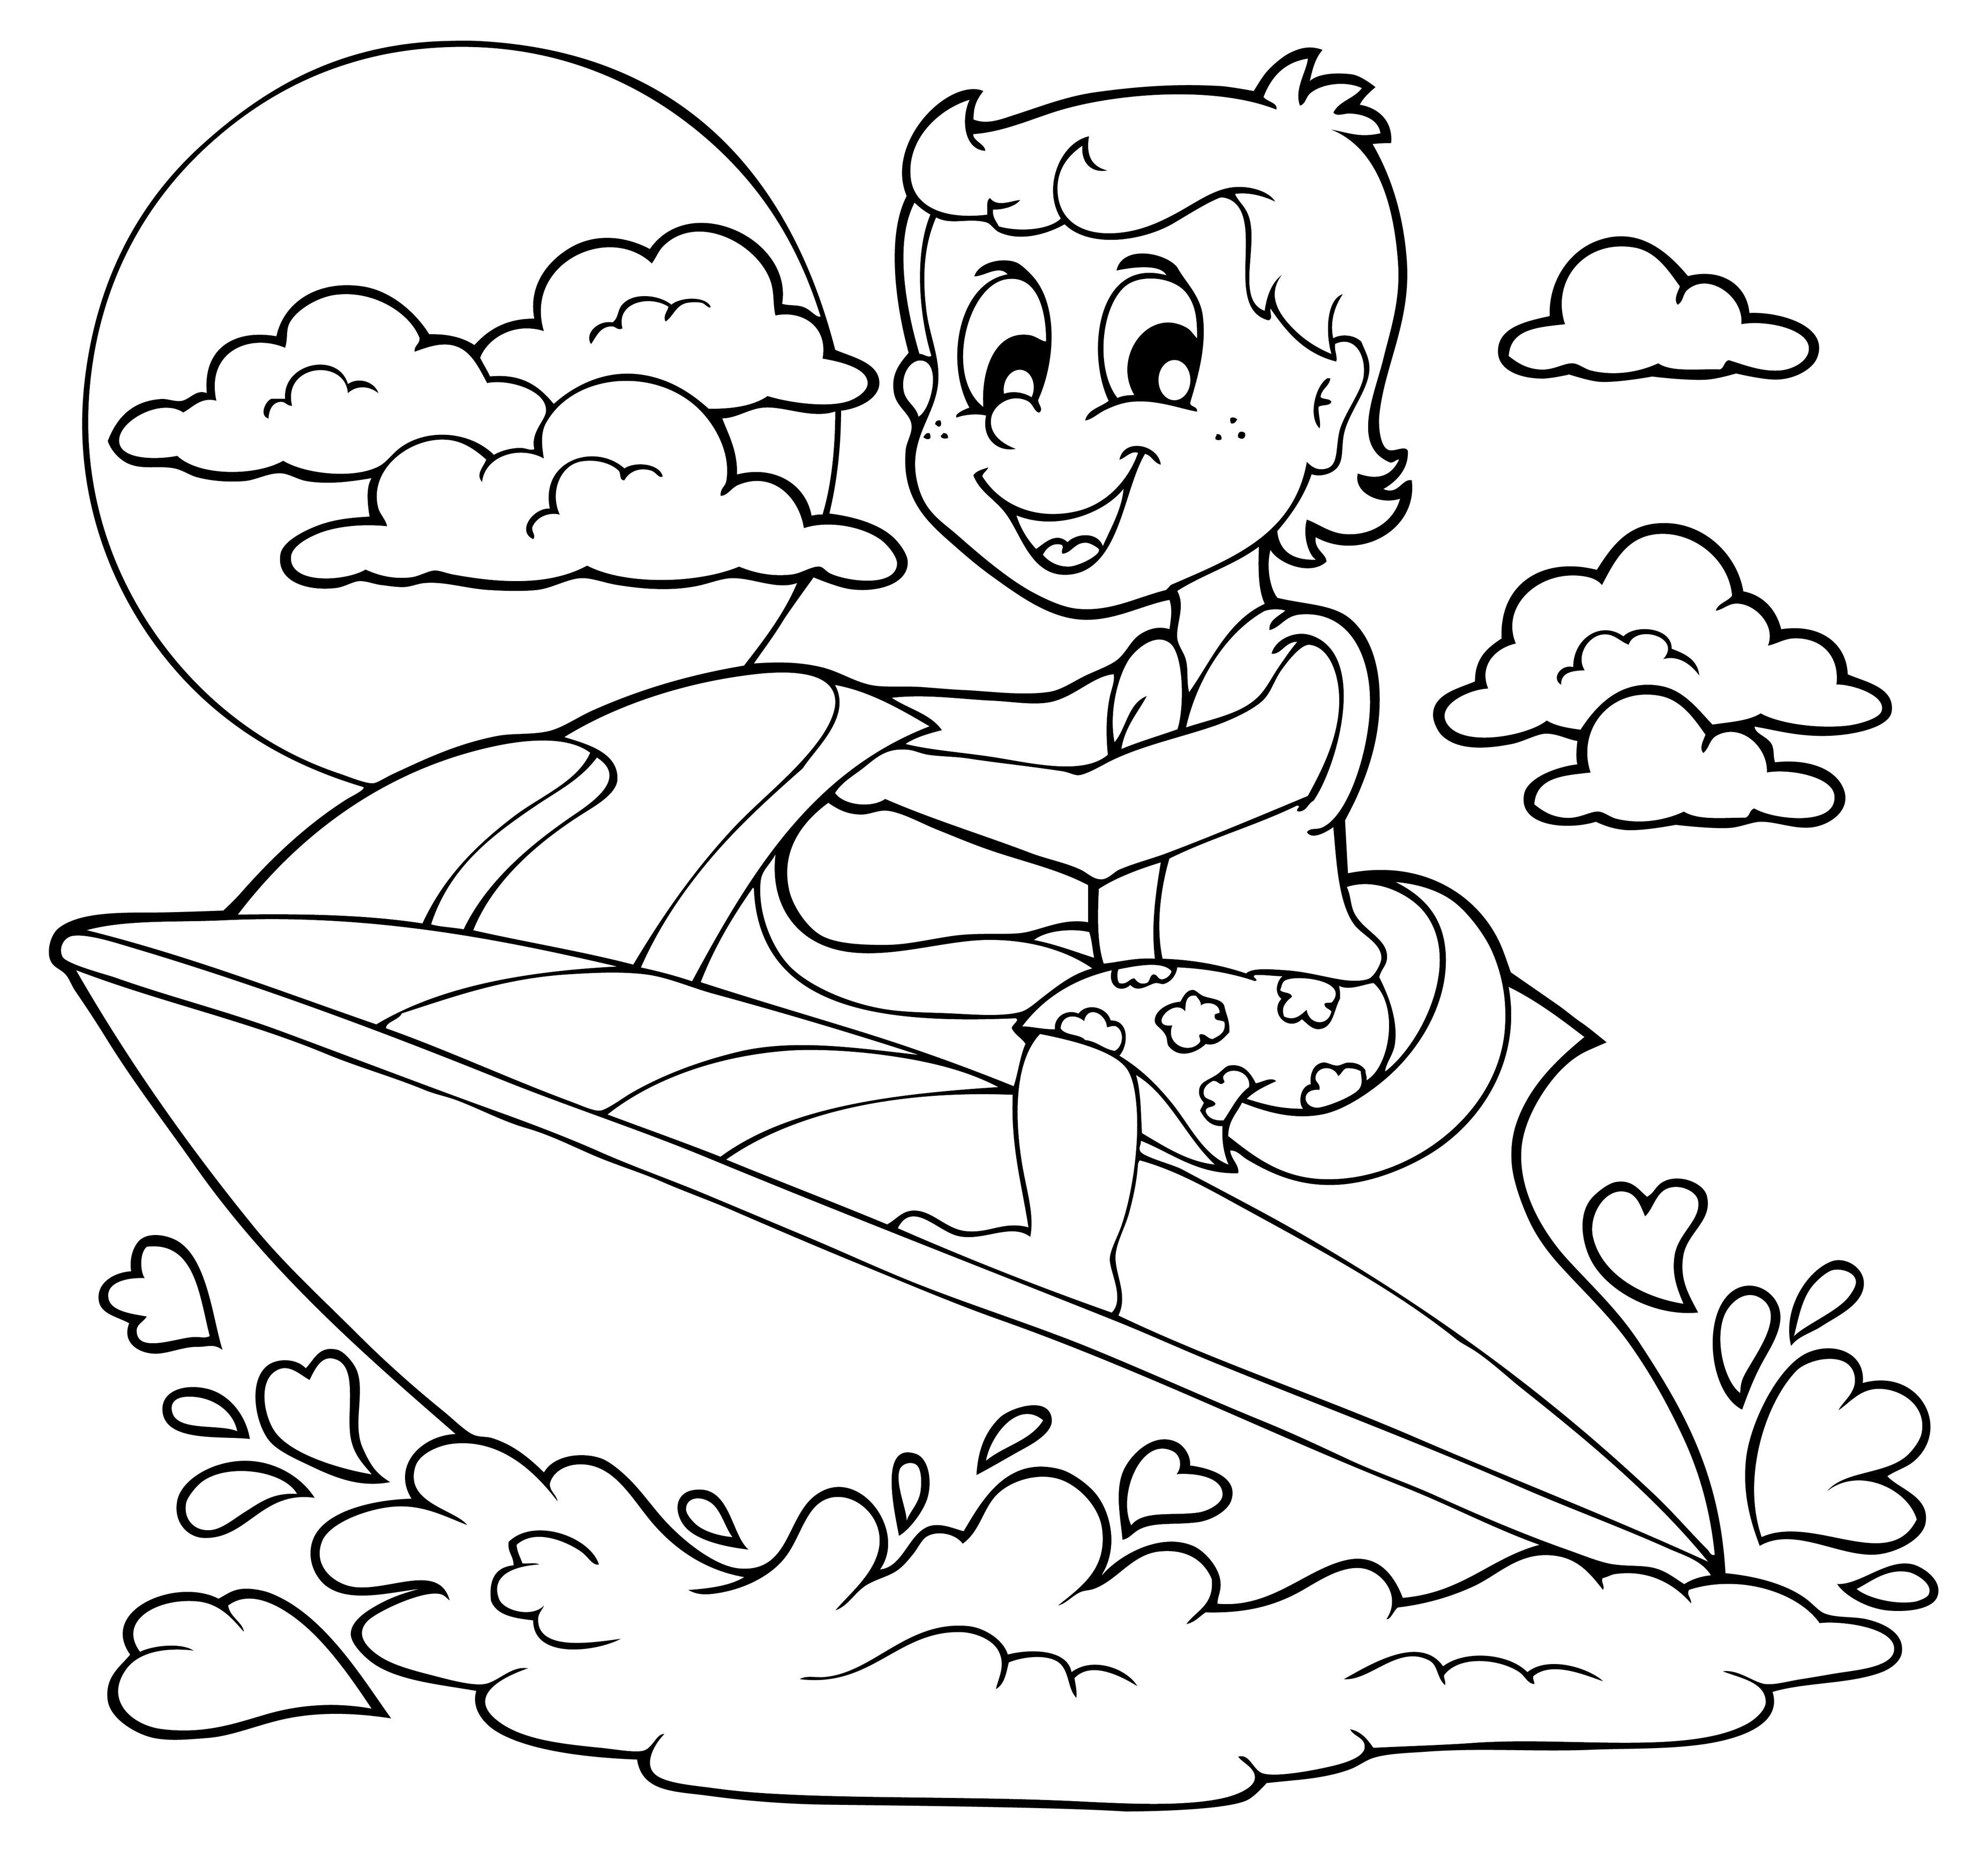 Niño en una moto acuática